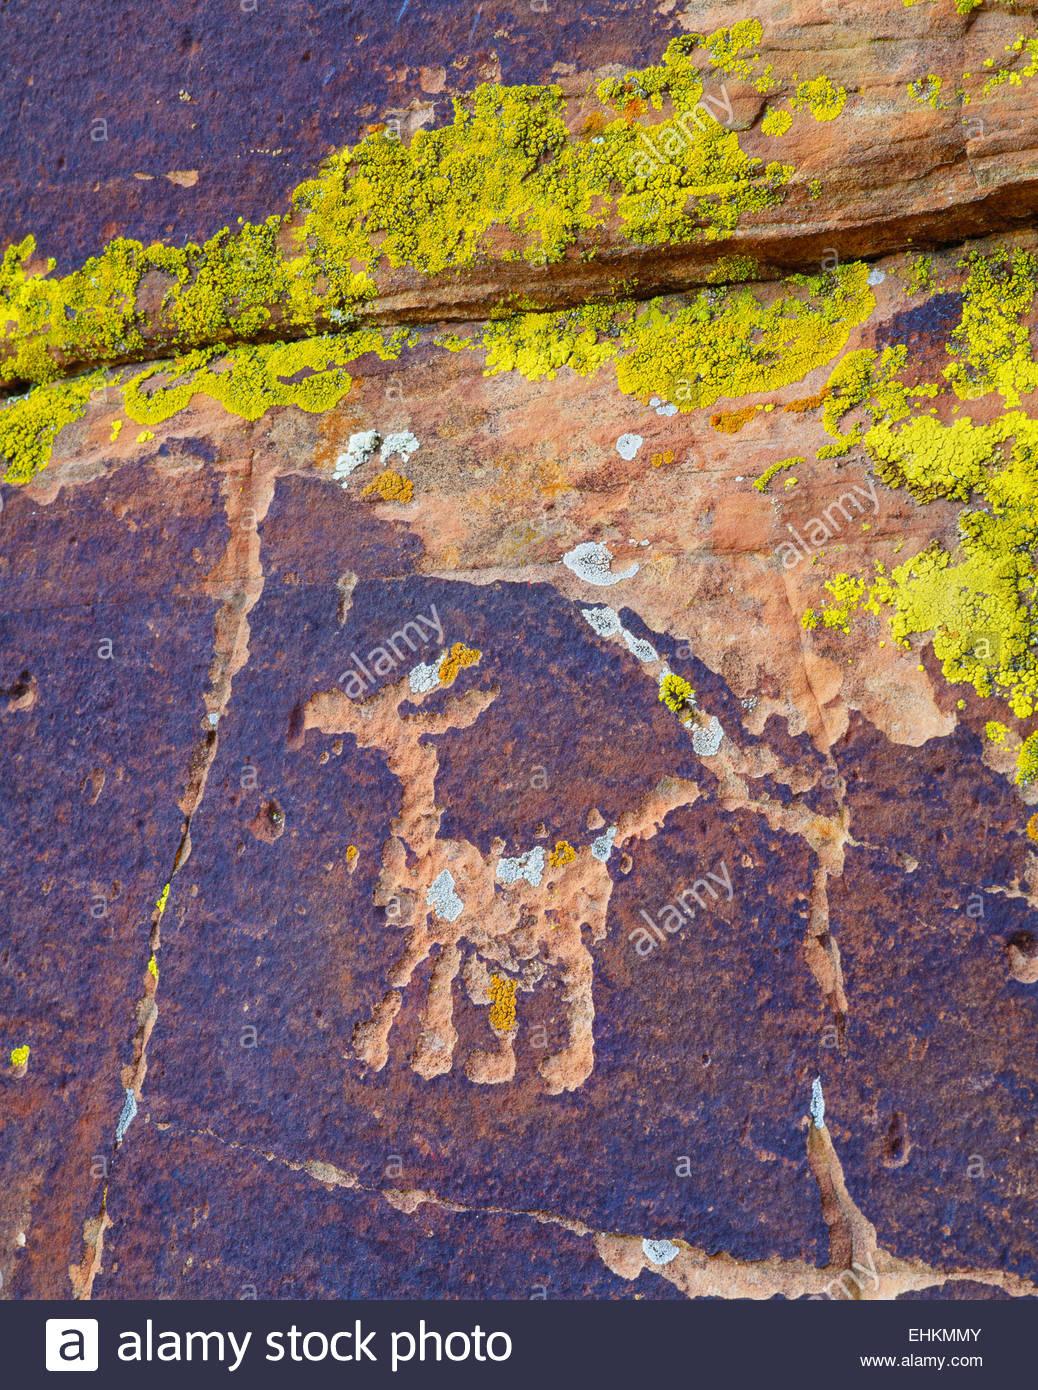 Cultura Sinagua petroglyph, nei pressi di Montezuma. Coconino National Forest, Arizona. Immagini Stock